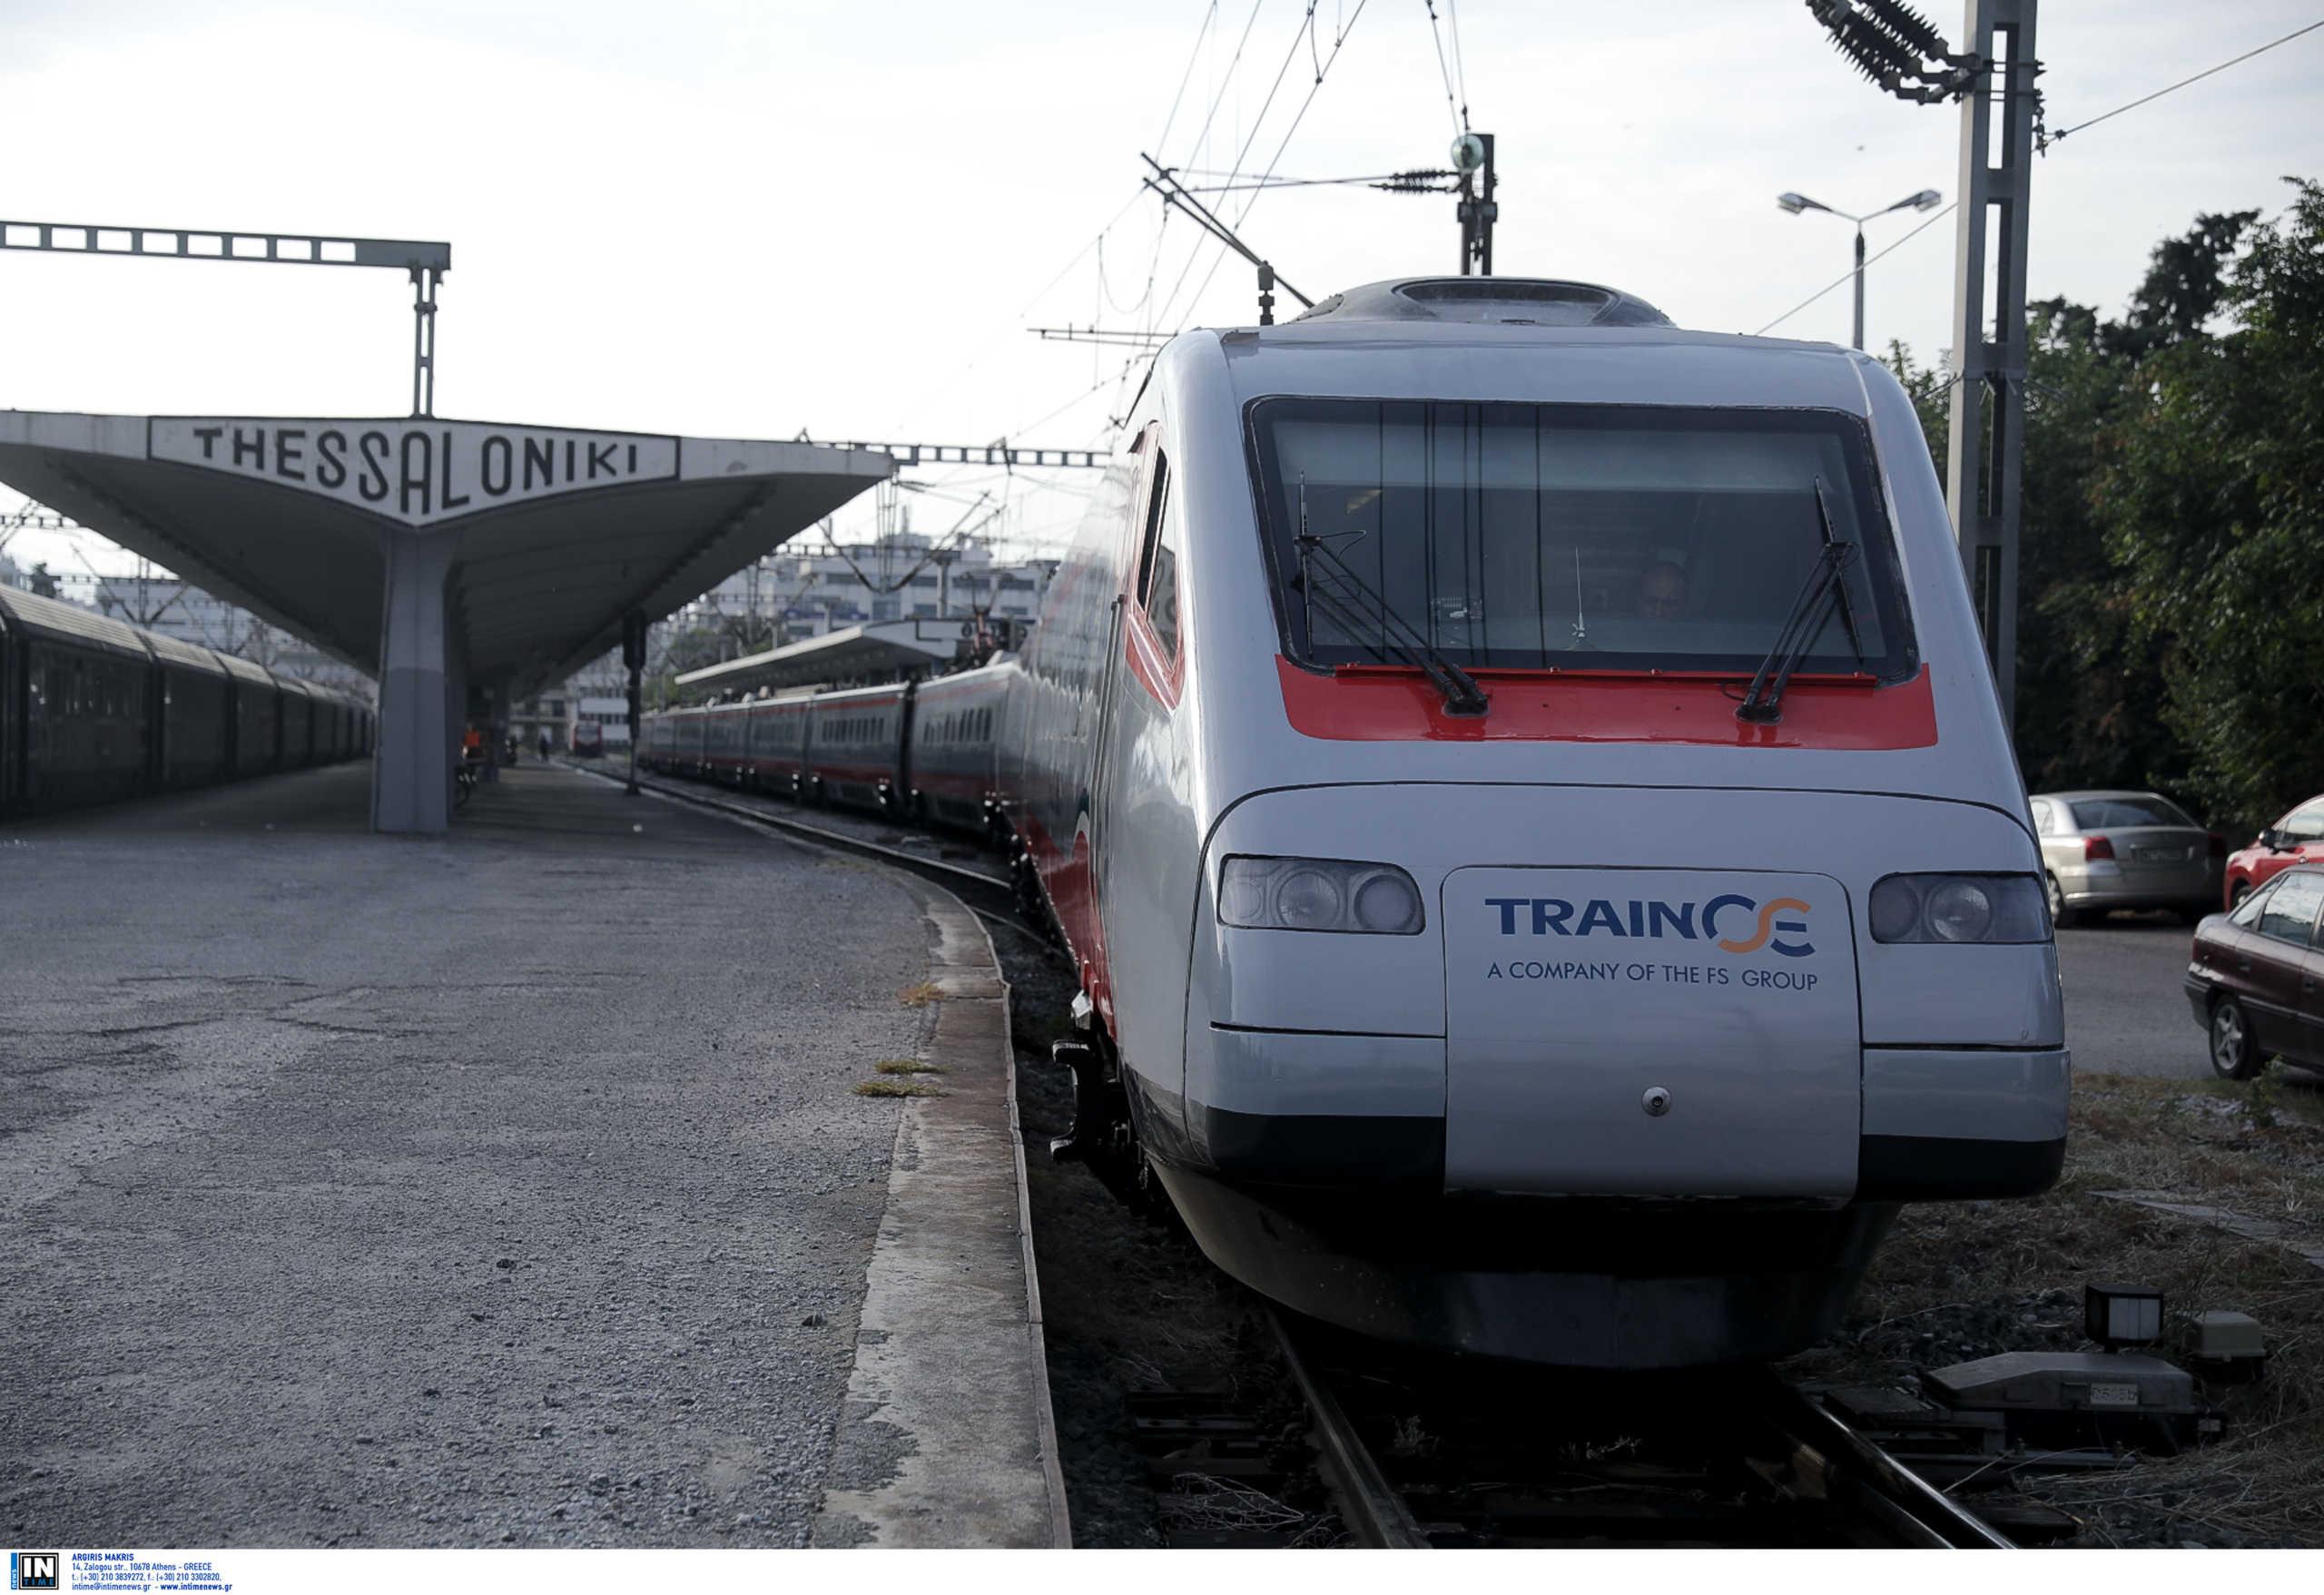 Διευθύνων σύμβουλος ΤΡΑΙΝΟΣΕ: Έξι οχήματα στη Θεσσαλονίκη για τυχόν μεταφορά ασθενών με κορονοϊό